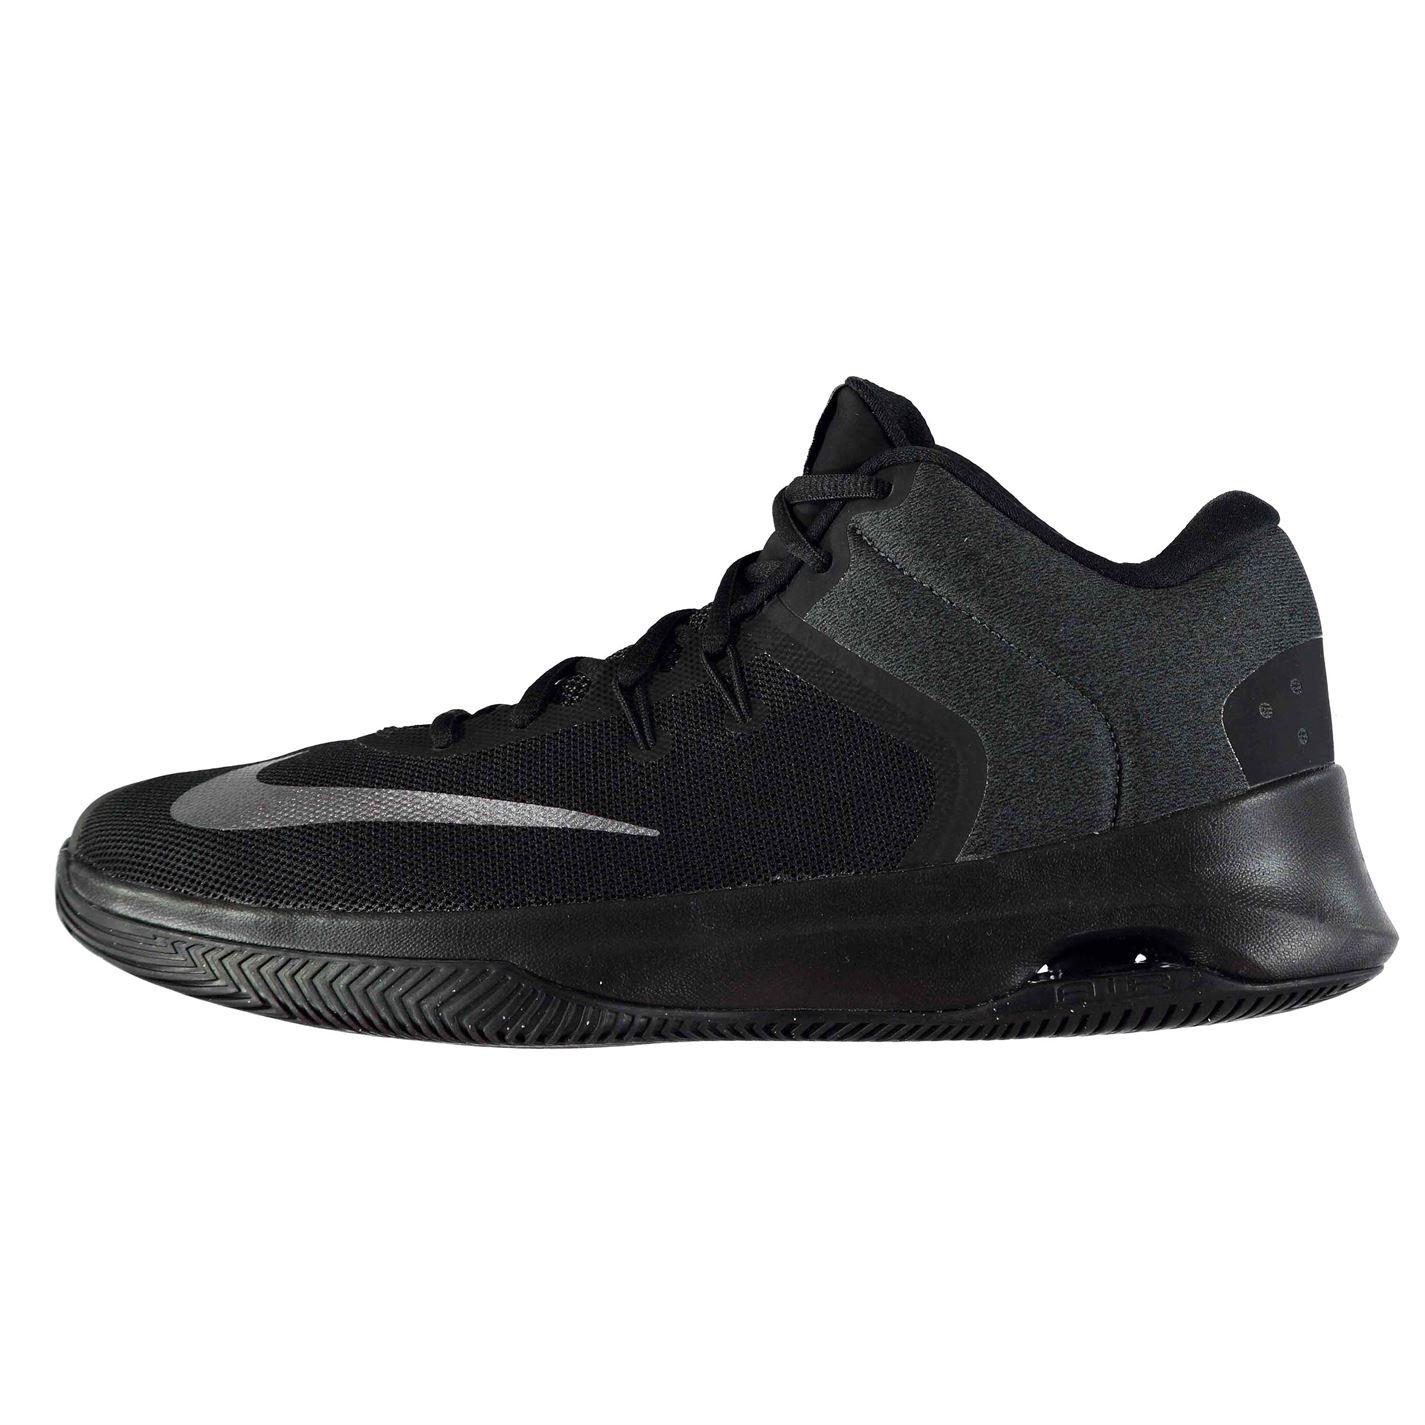 Nike Air Versitile NbkS92